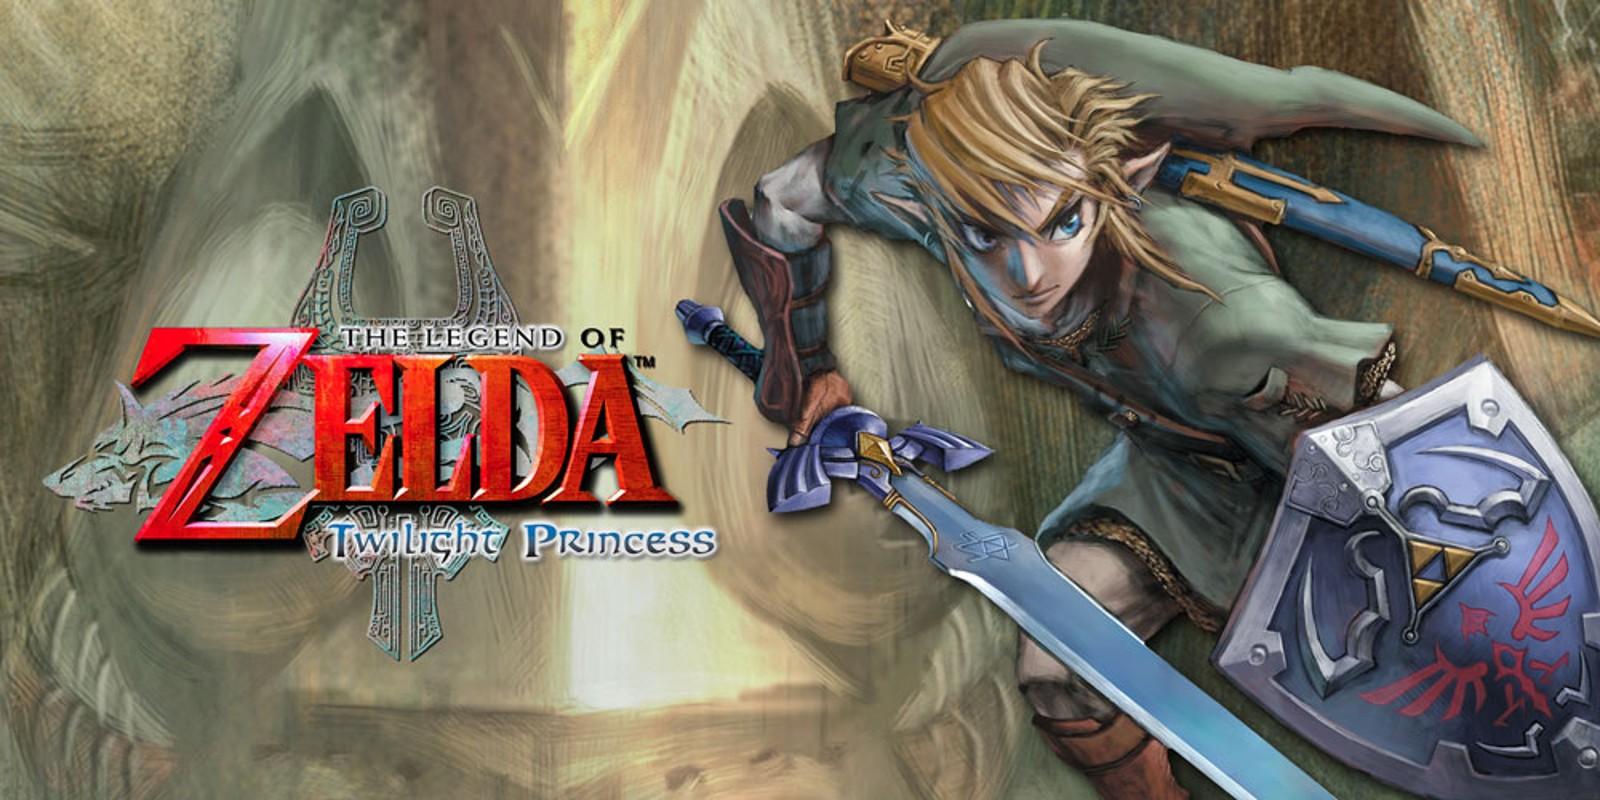 The Legend of Zelda: Twilight Princess | Wii | Games | Nintendo